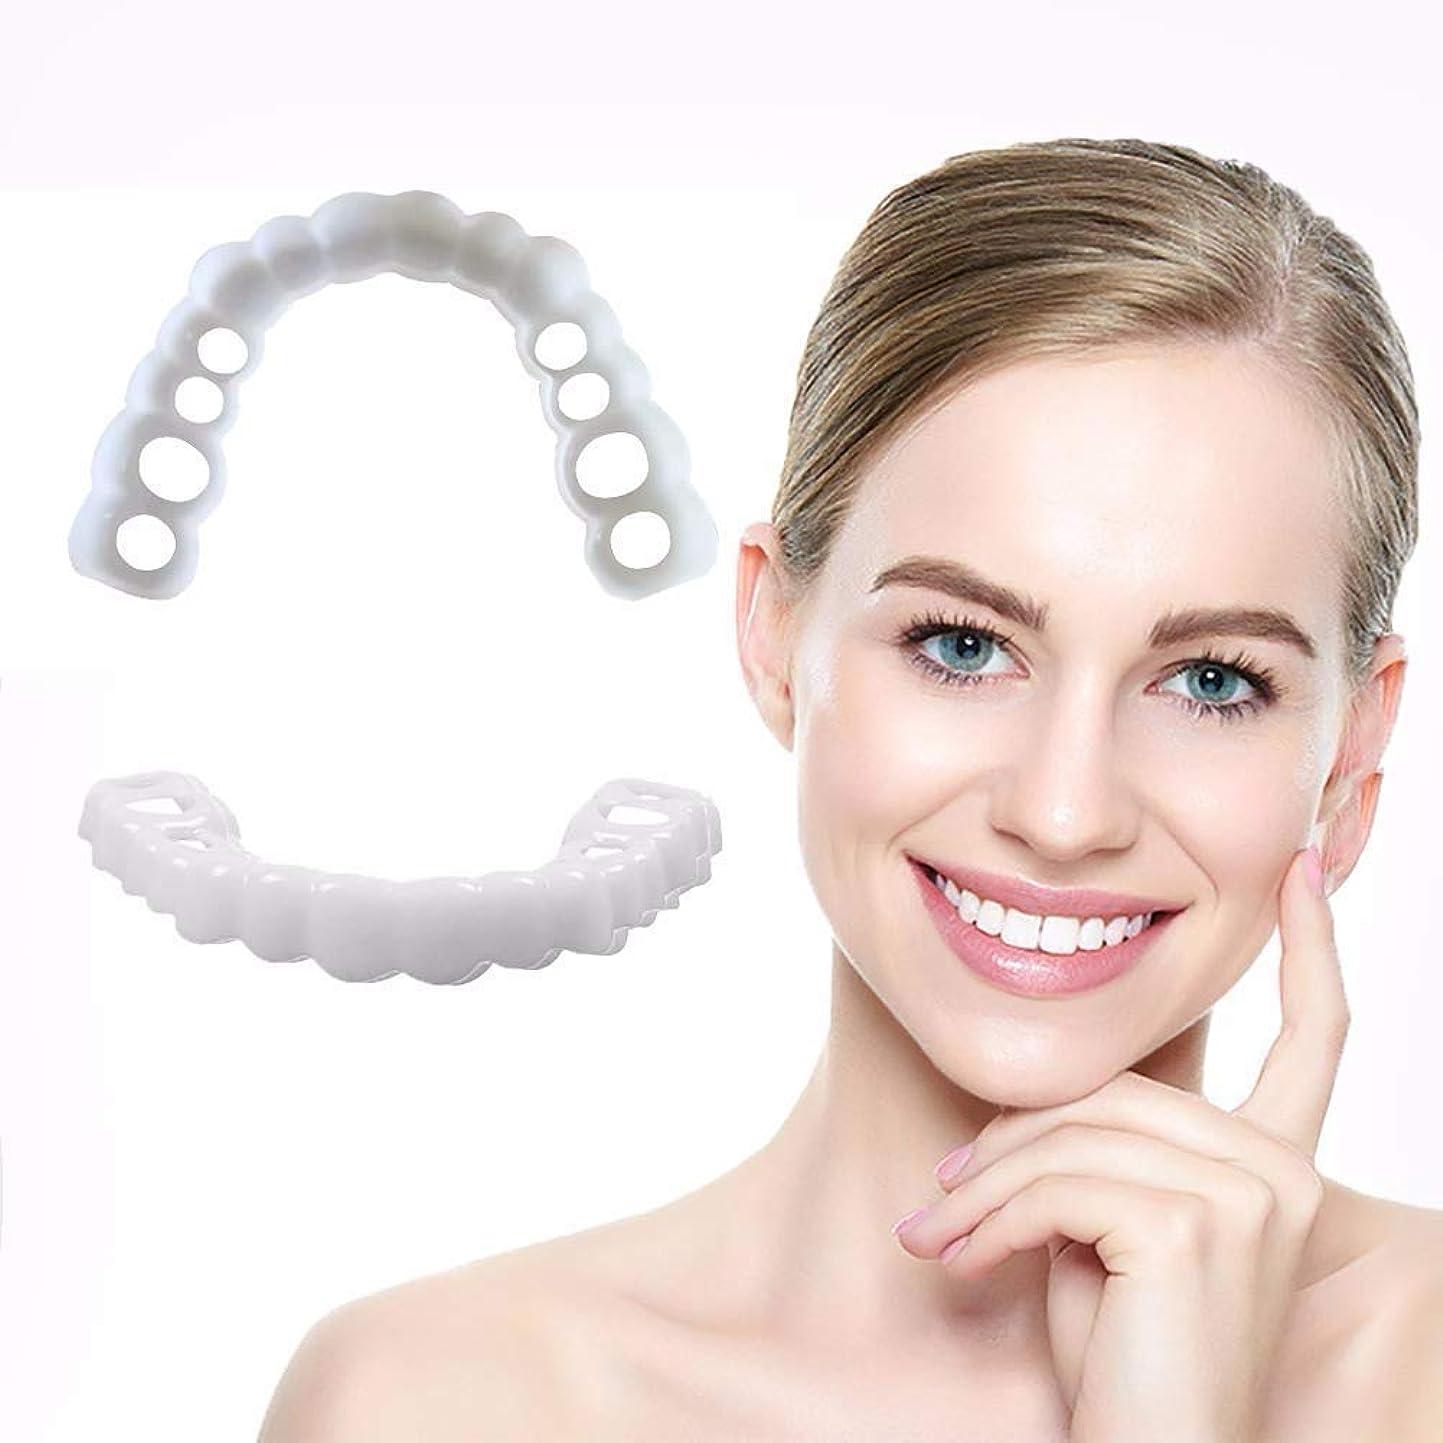 決定する登場カスタム2組の完全な微笑のベニヤ義歯の歯の化粧品のステッカーは分以内に家であなたの微笑を修理します